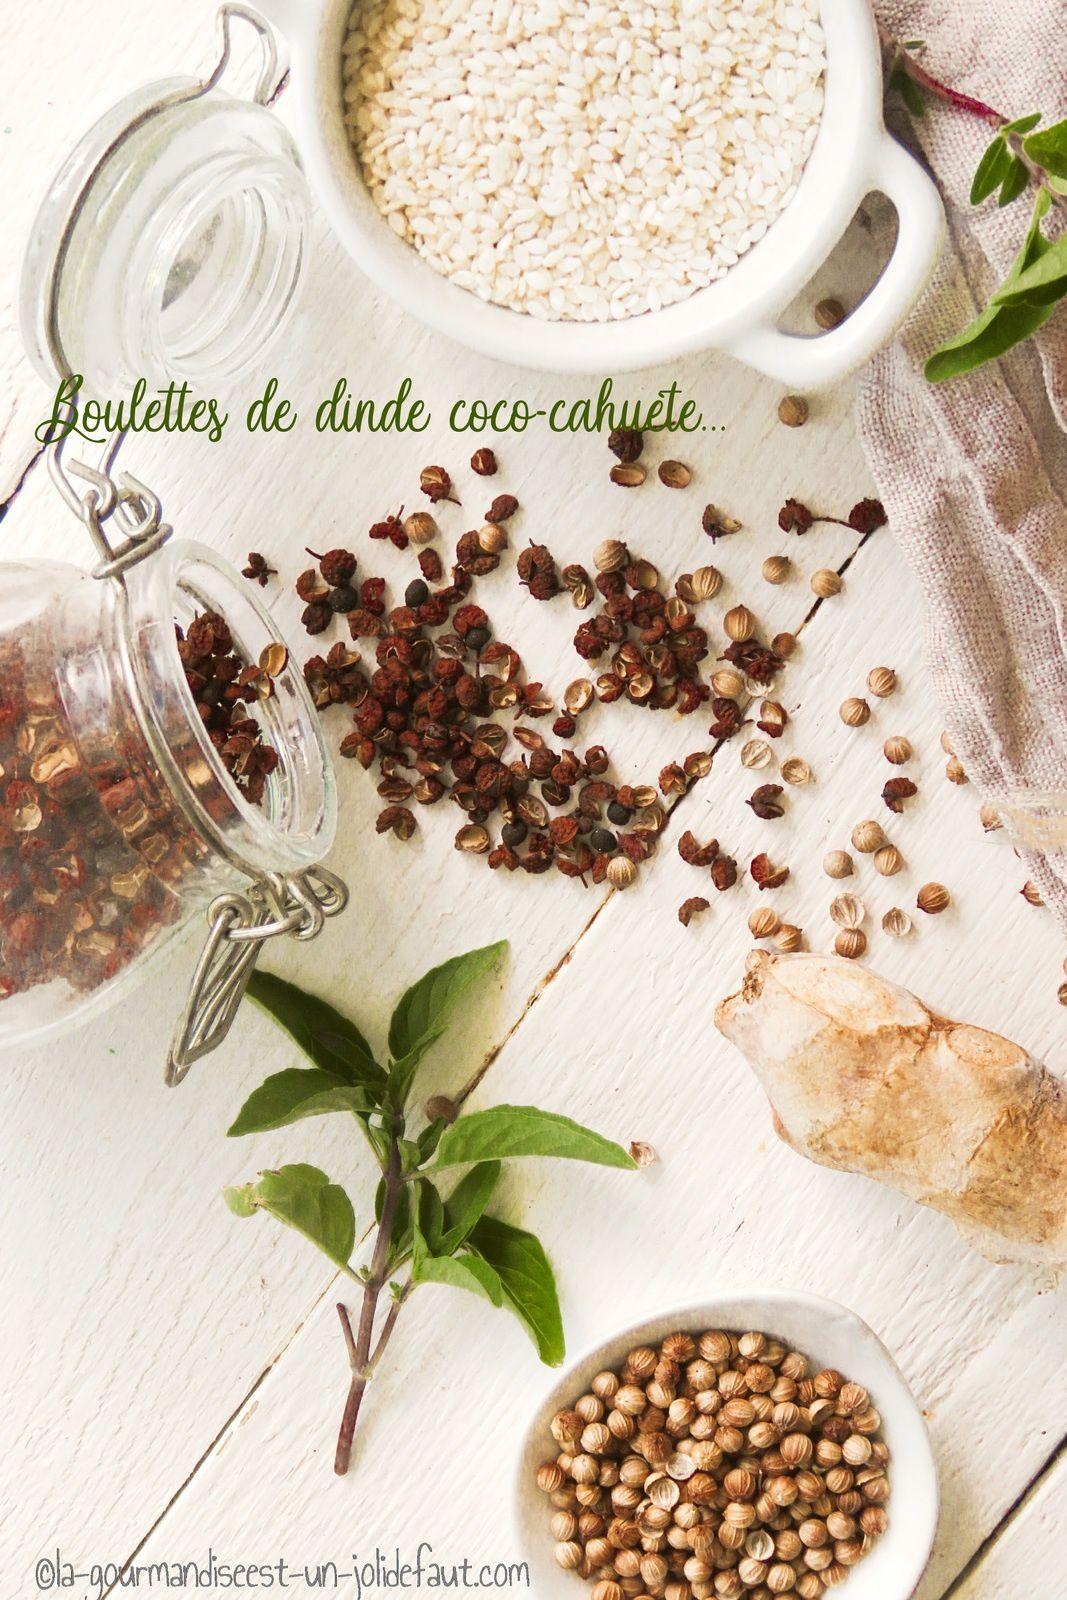 Boulettes de dinde coco-cahuète